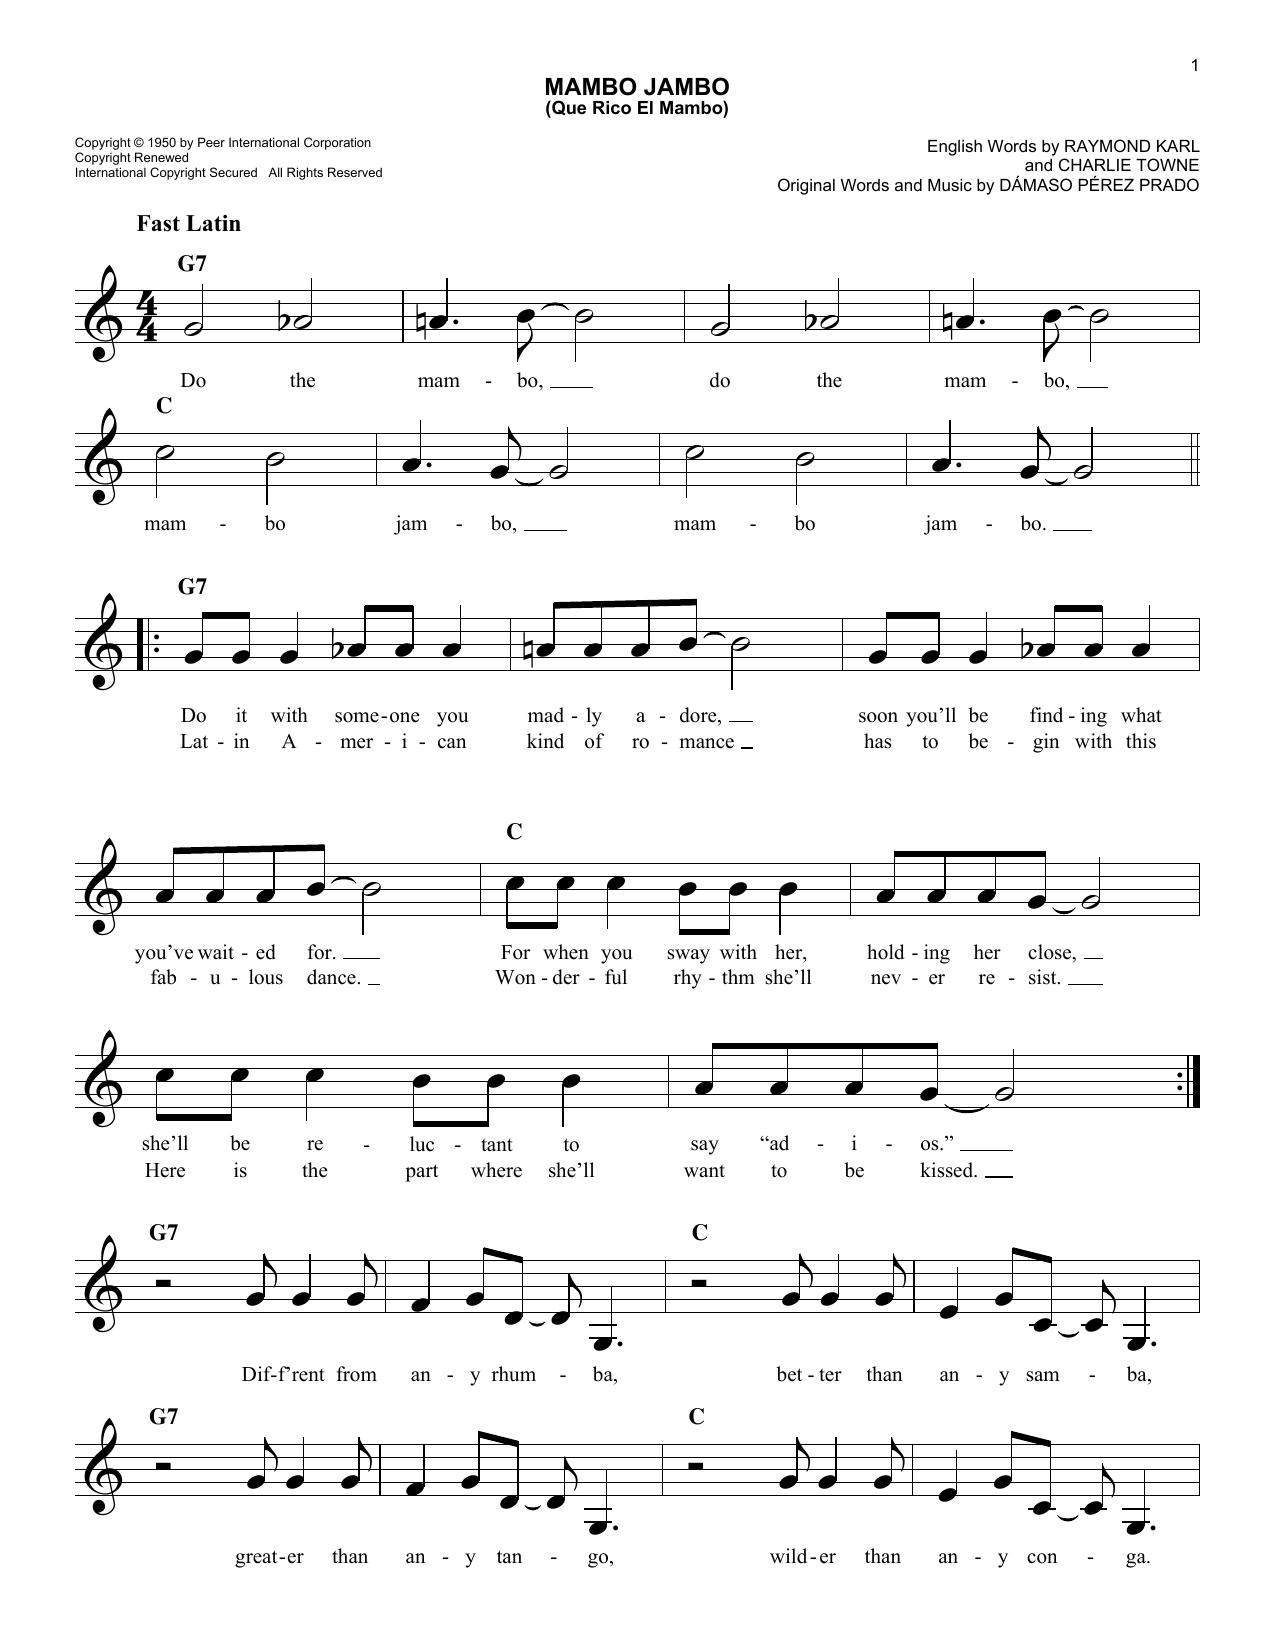 Damaso Perez Prado Mambo Jambo (Que Rico El Mambo) sheet music notes and chords